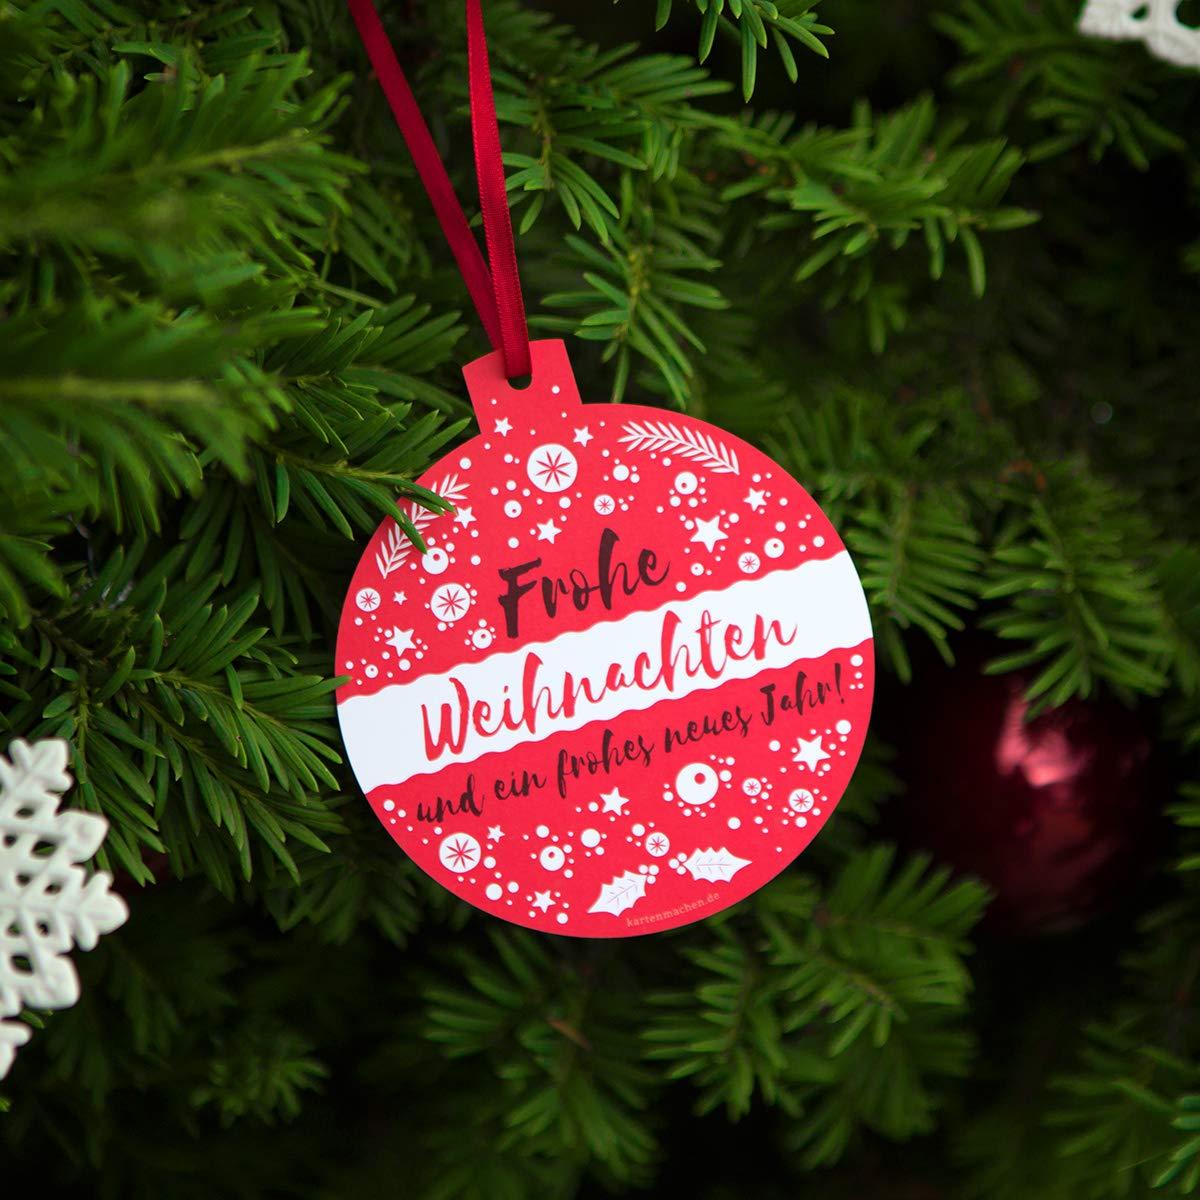 40 x Lasergeschnittene Firmen Weihnachtskarten Grußkarten individuell Weihnachten - Weihnachtskugel Weihnachtskugel Weihnachtskugel Schlicht Rot B07KYM3MRP   Spielzeug mit kindlichen Herzen herstellen    New Products    Meistverkaufte weltweit  059204